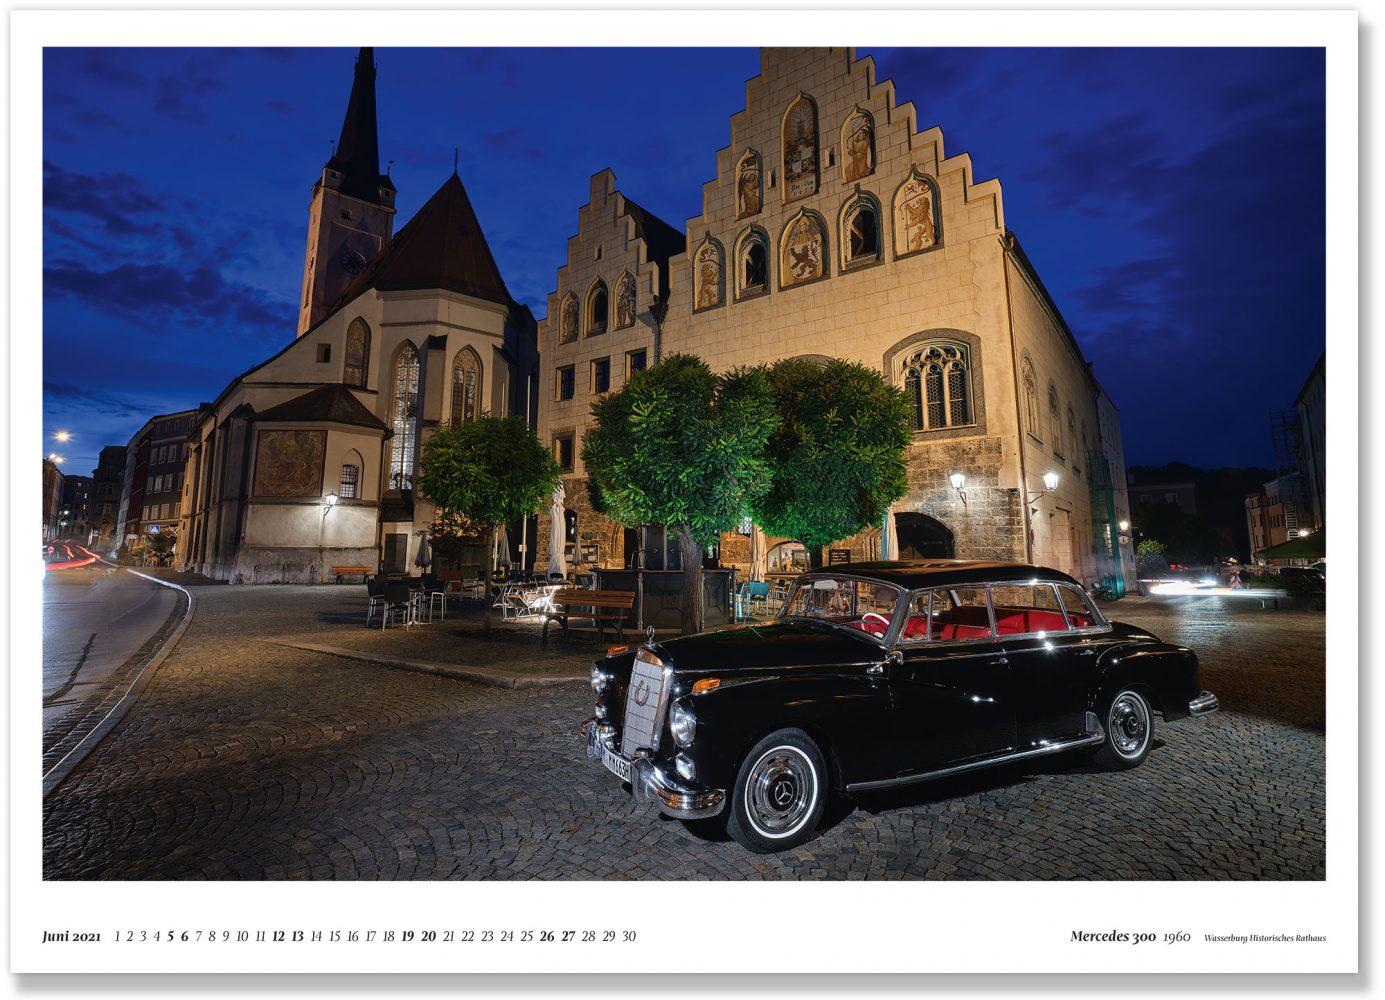 Mercedes 300 d 1960 Wasserburg Historisches Rathaus